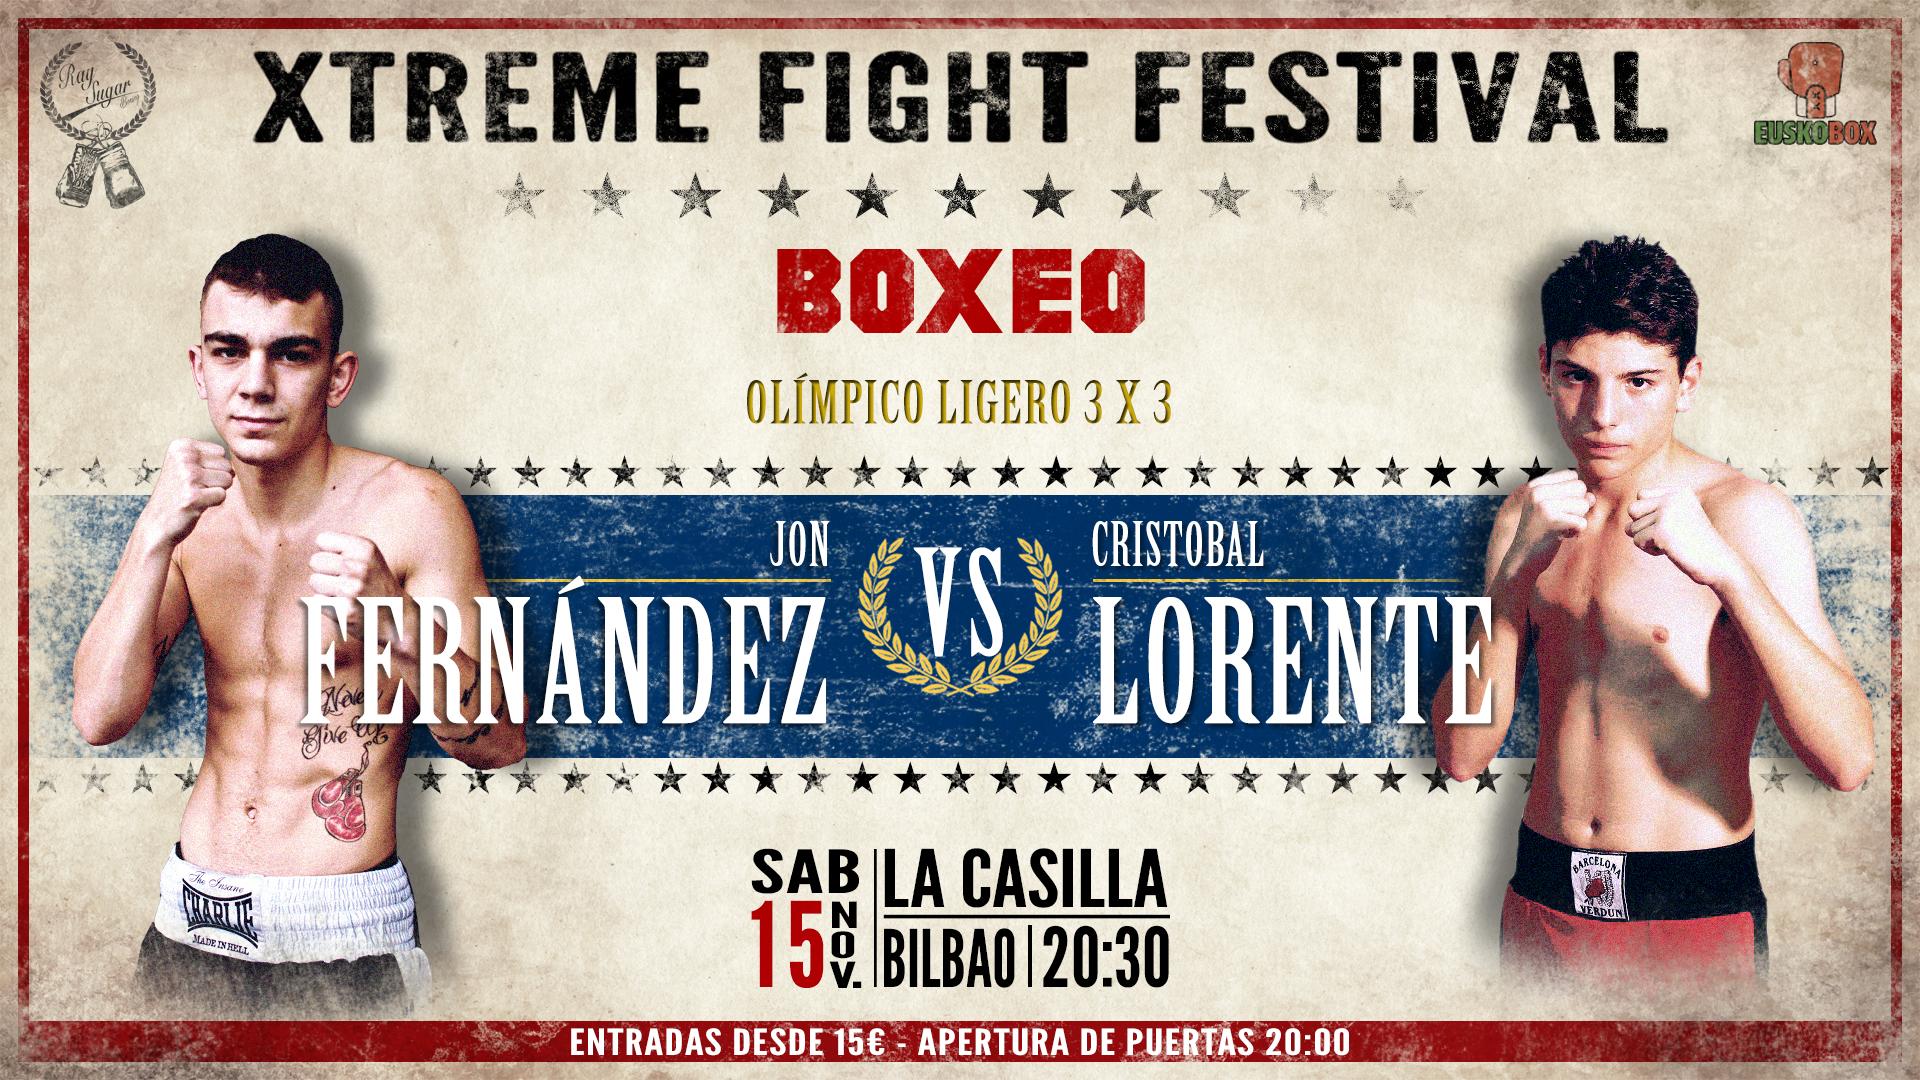 Jonfer vs cristobal logo